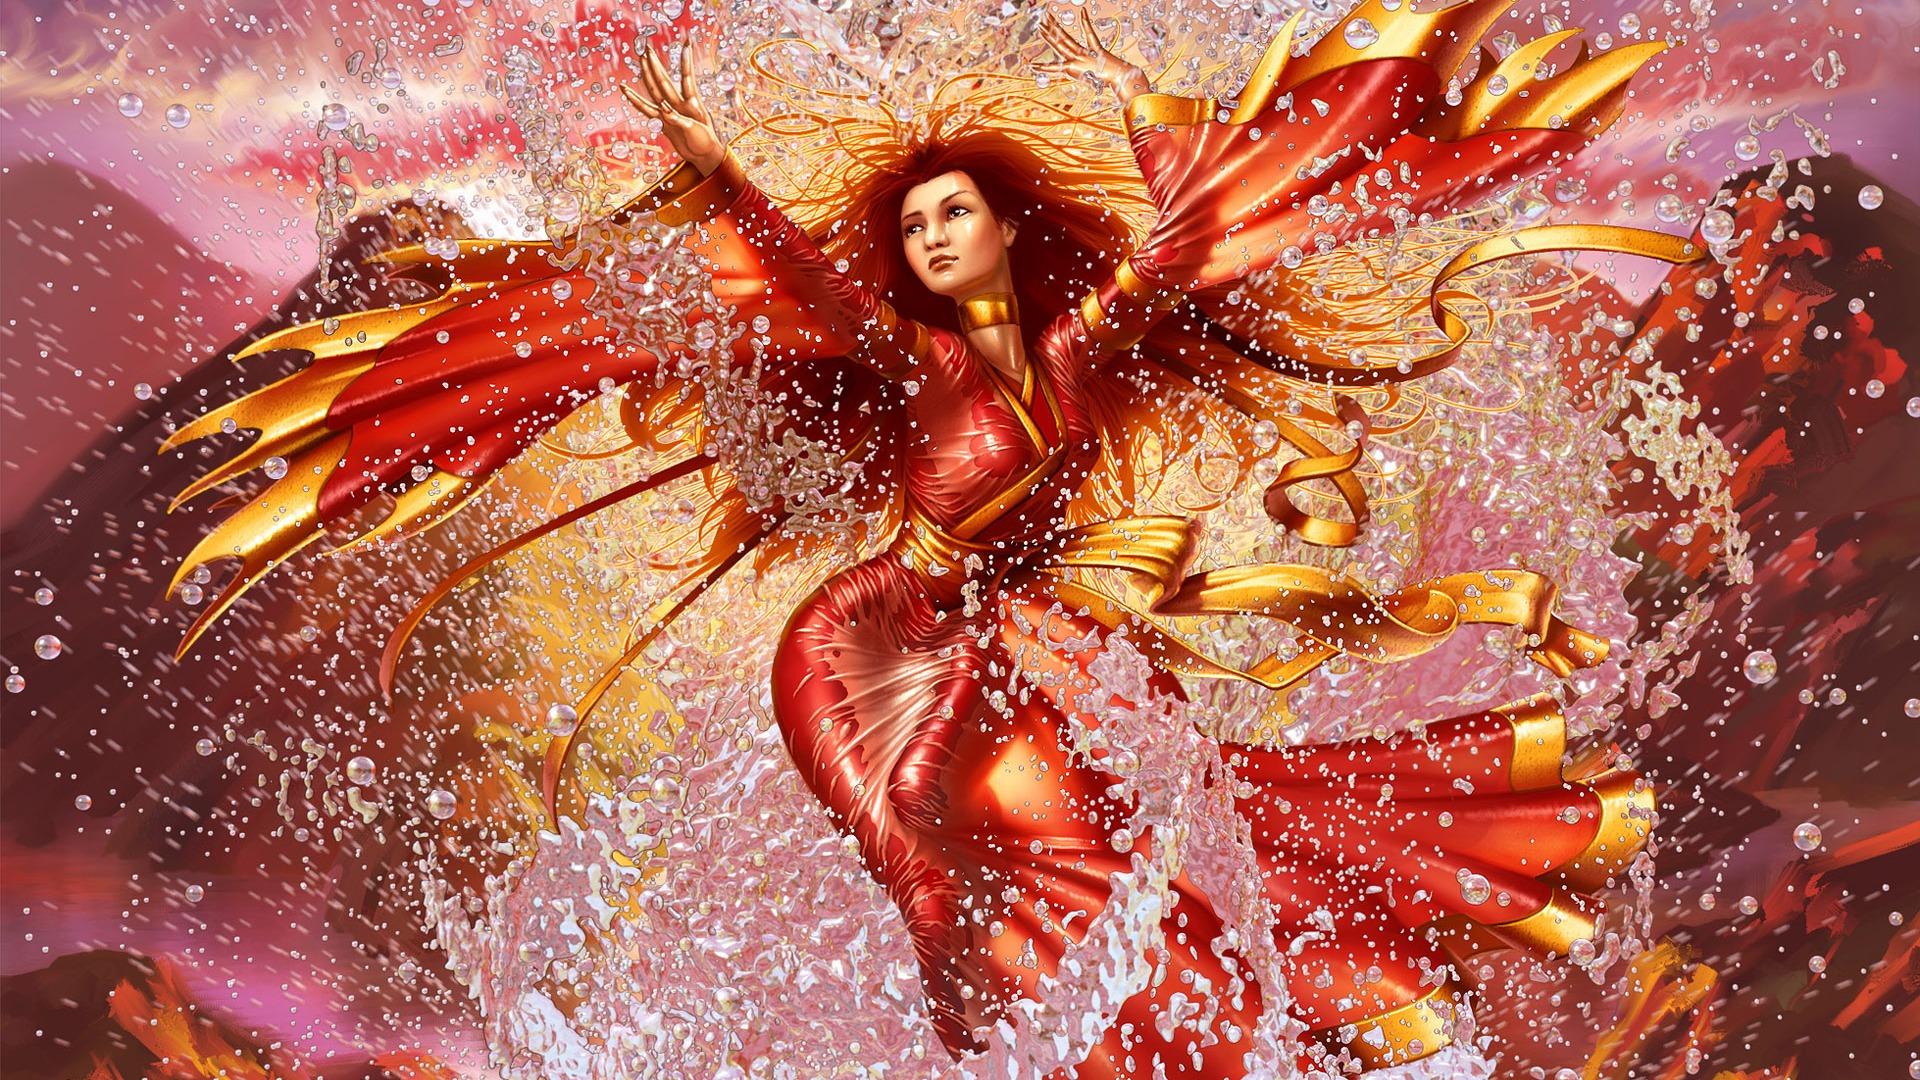 Fantasy Art Fire Goddess